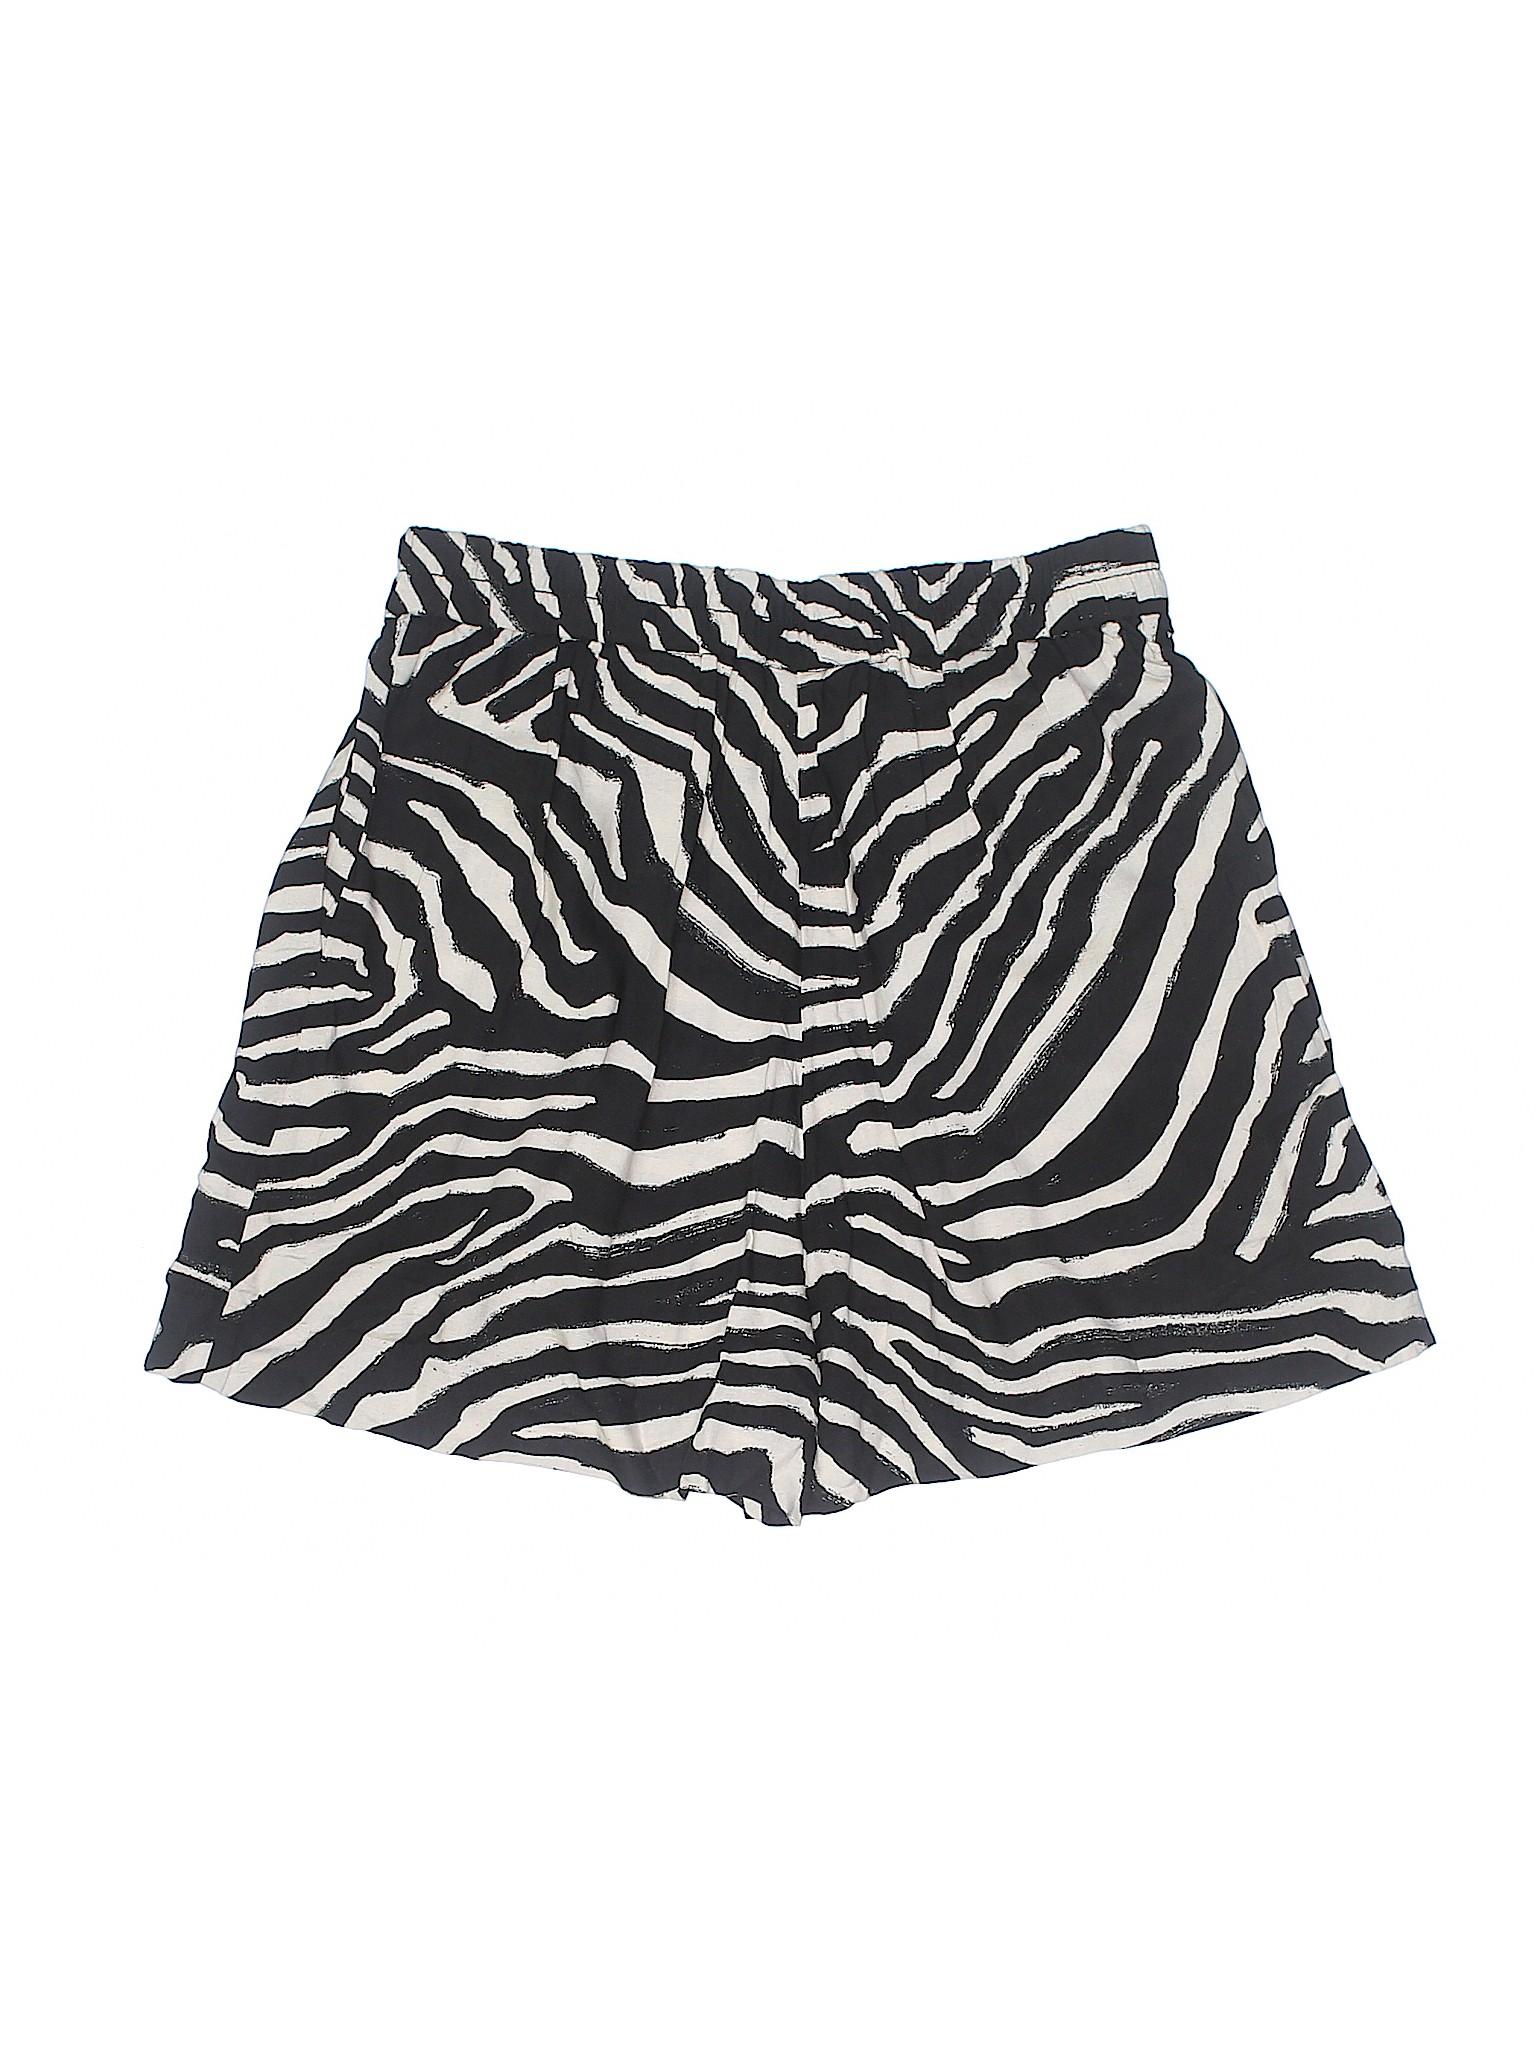 H amp;M amp;M amp;M Boutique Shorts Shorts amp;M Shorts H Boutique H Shorts Boutique H Boutique H Boutique 6Rvqxgw